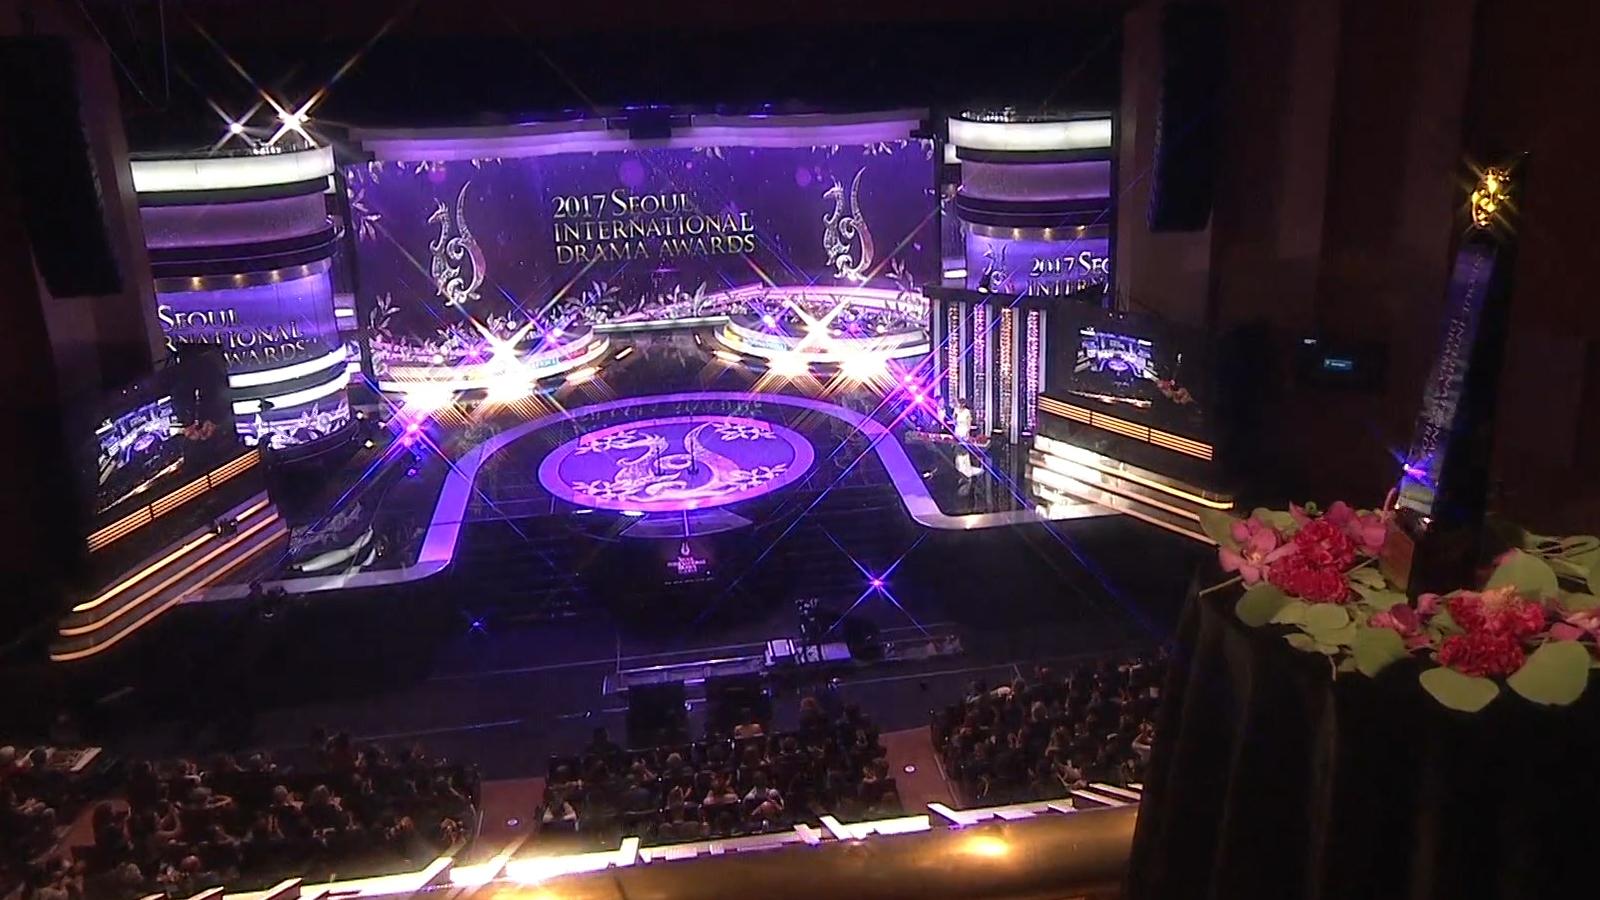 Seoul International Drama Awards 2017 Episode 2